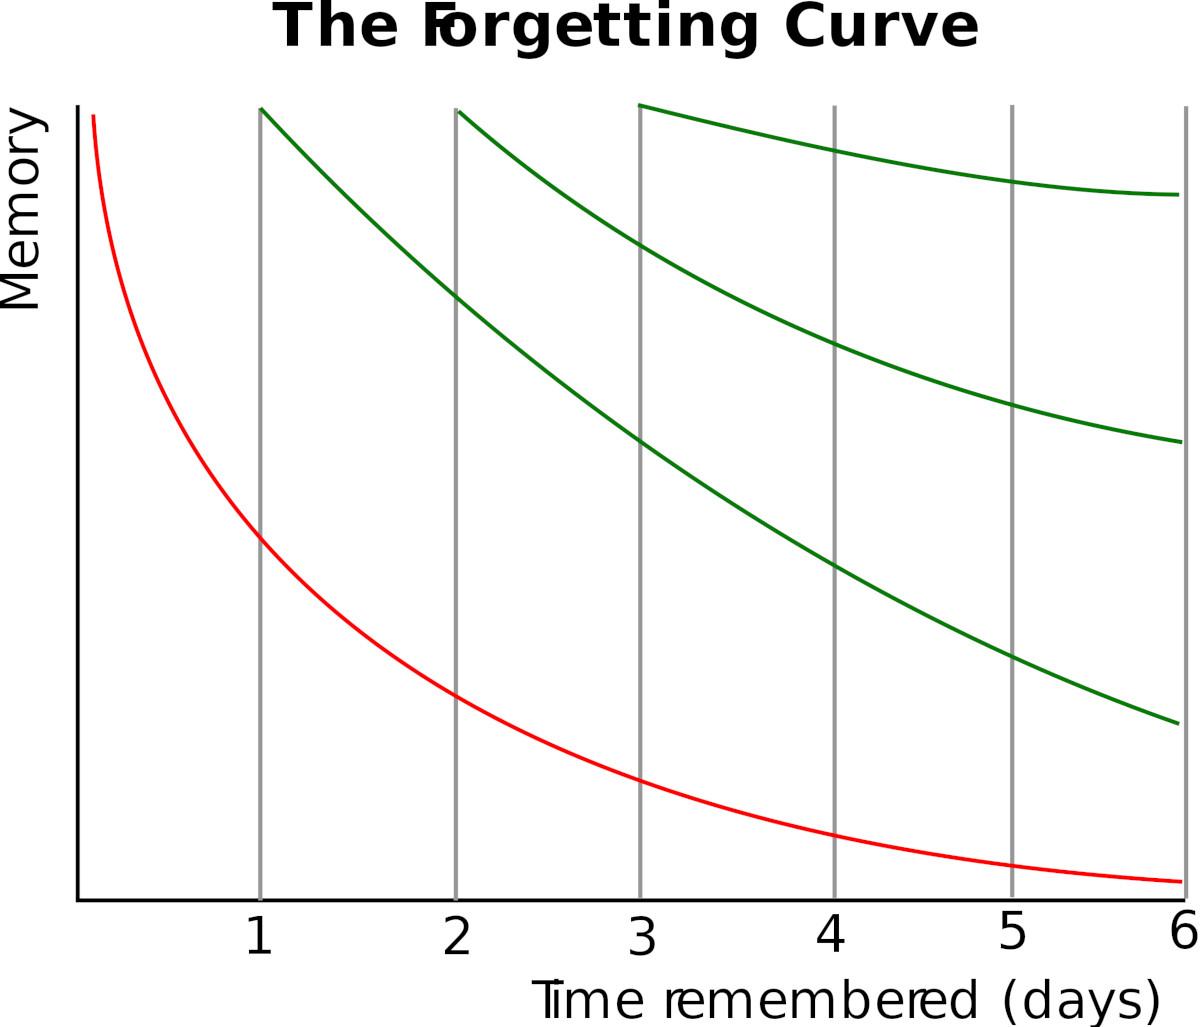 Eine Darstellung der Vergessenskurve, die verdeutlich, dass man Wissen mit jeder Wiederholung länger behält.